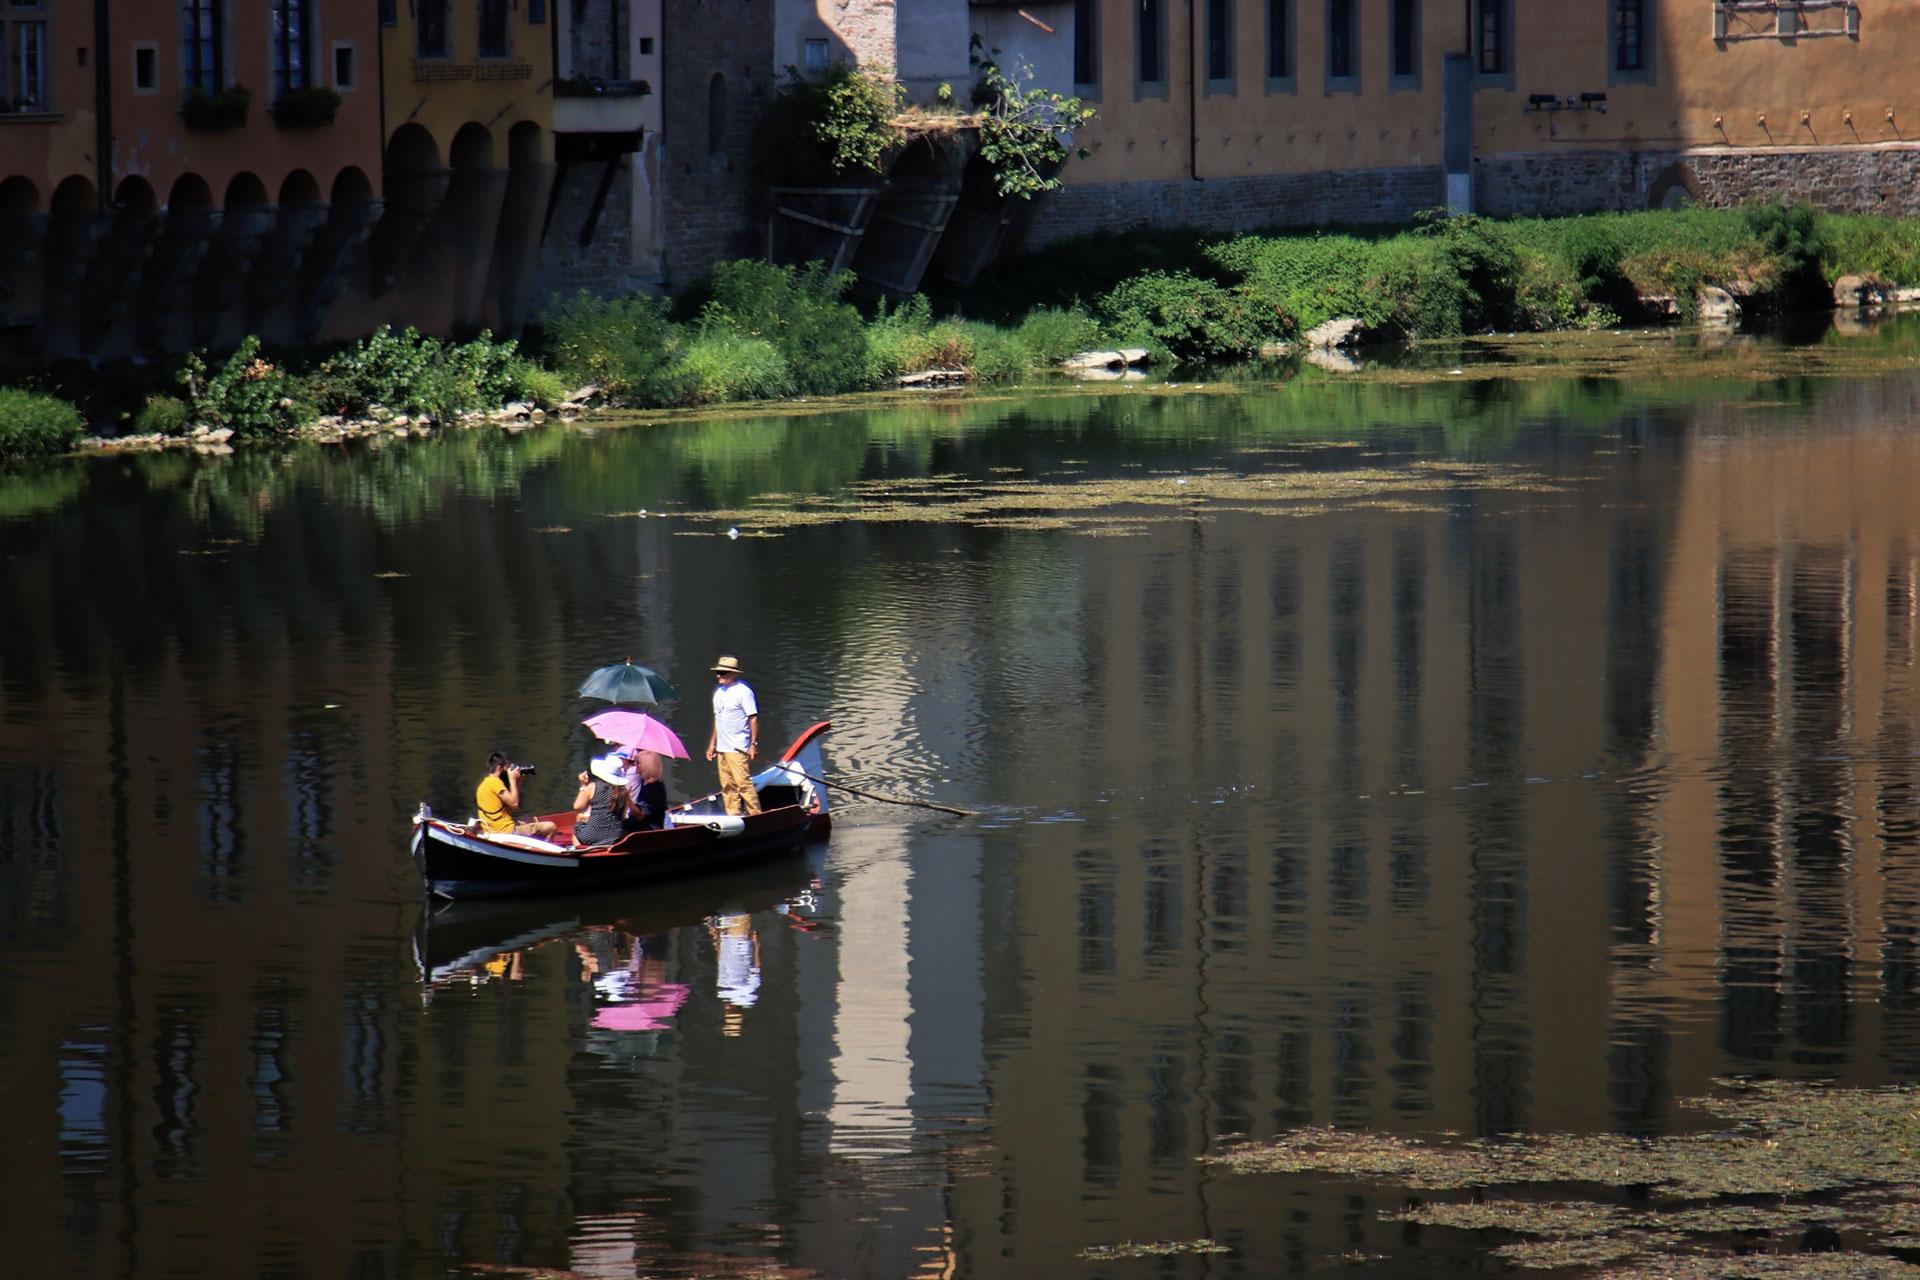 Floransa Fotoğrafları Italya Gezilecek Yerler Çekergezer Hakan Aydın Gezgin Fotoğrafçı www.cekergezer.com www.cekergezer.com